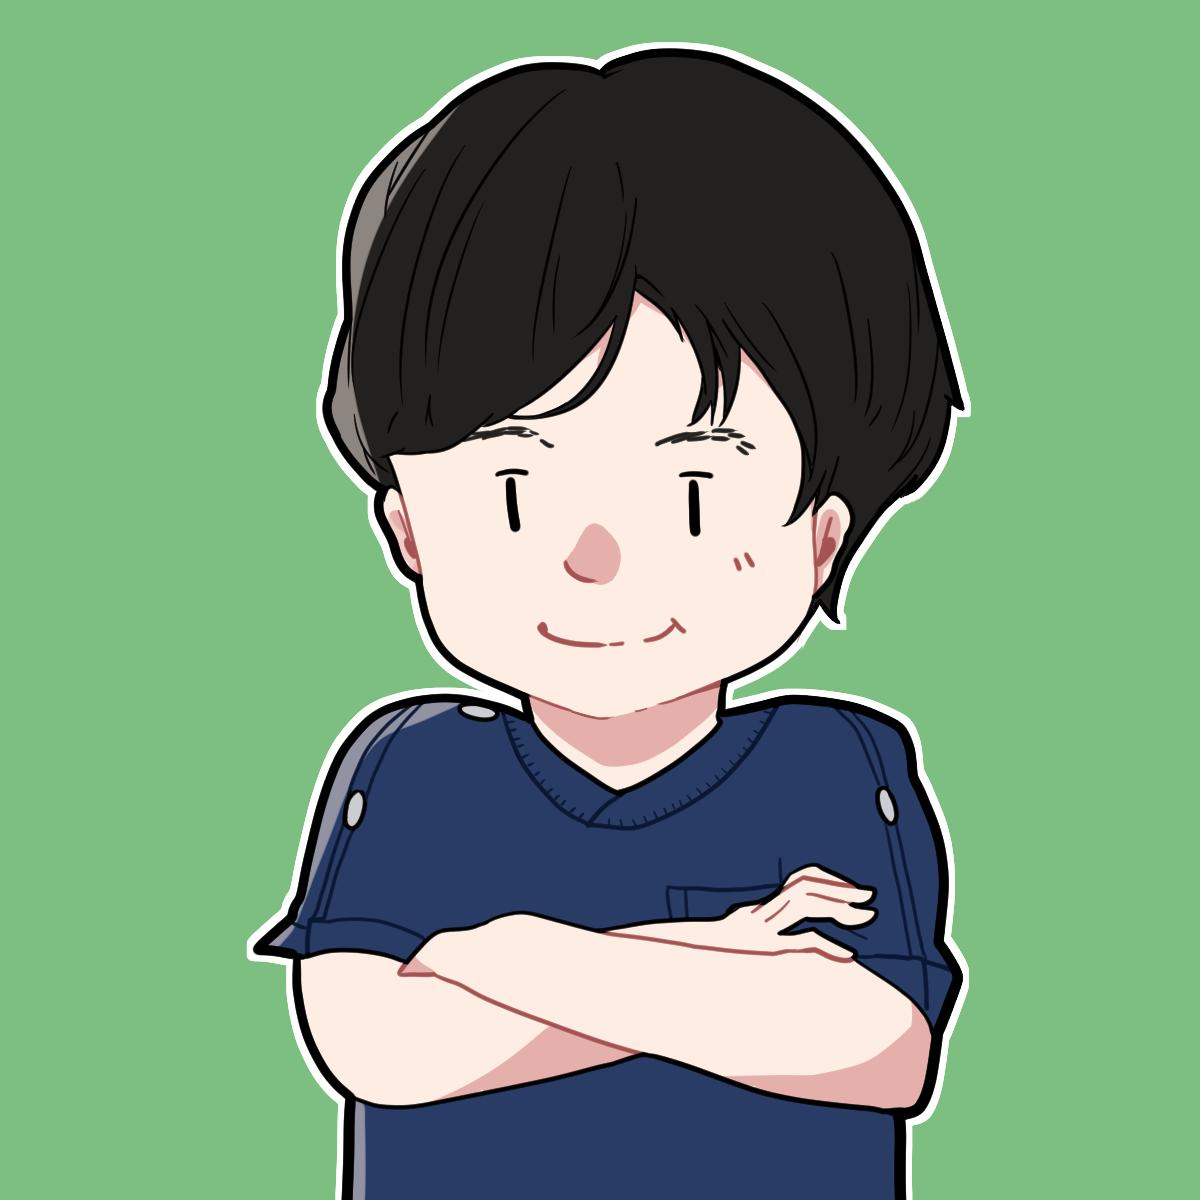 f:id:takashi_tk2001:20210519213219p:plain